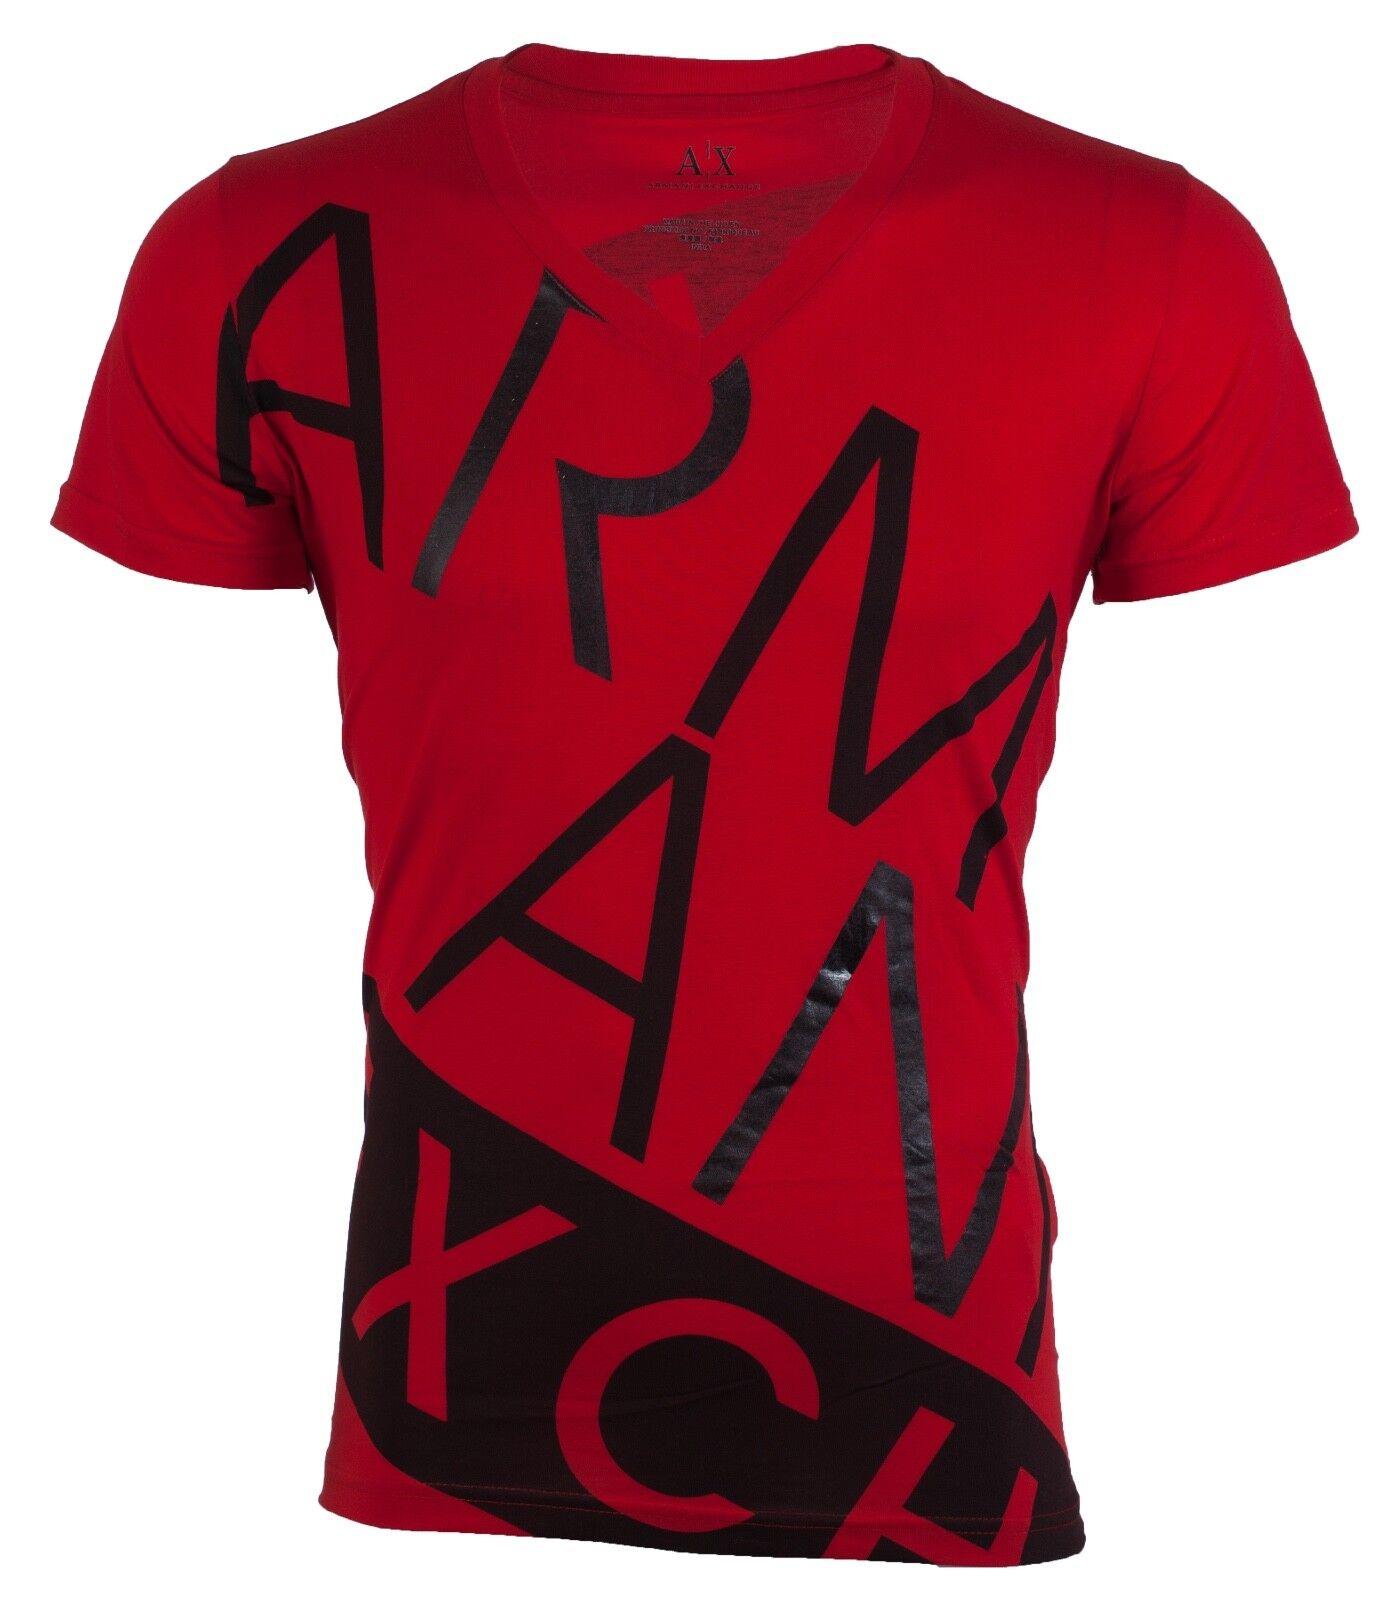 BIAS Mens T-SHIRT Premium Slim Fit RED BLACK Casual Designer $45 Jeans NWT